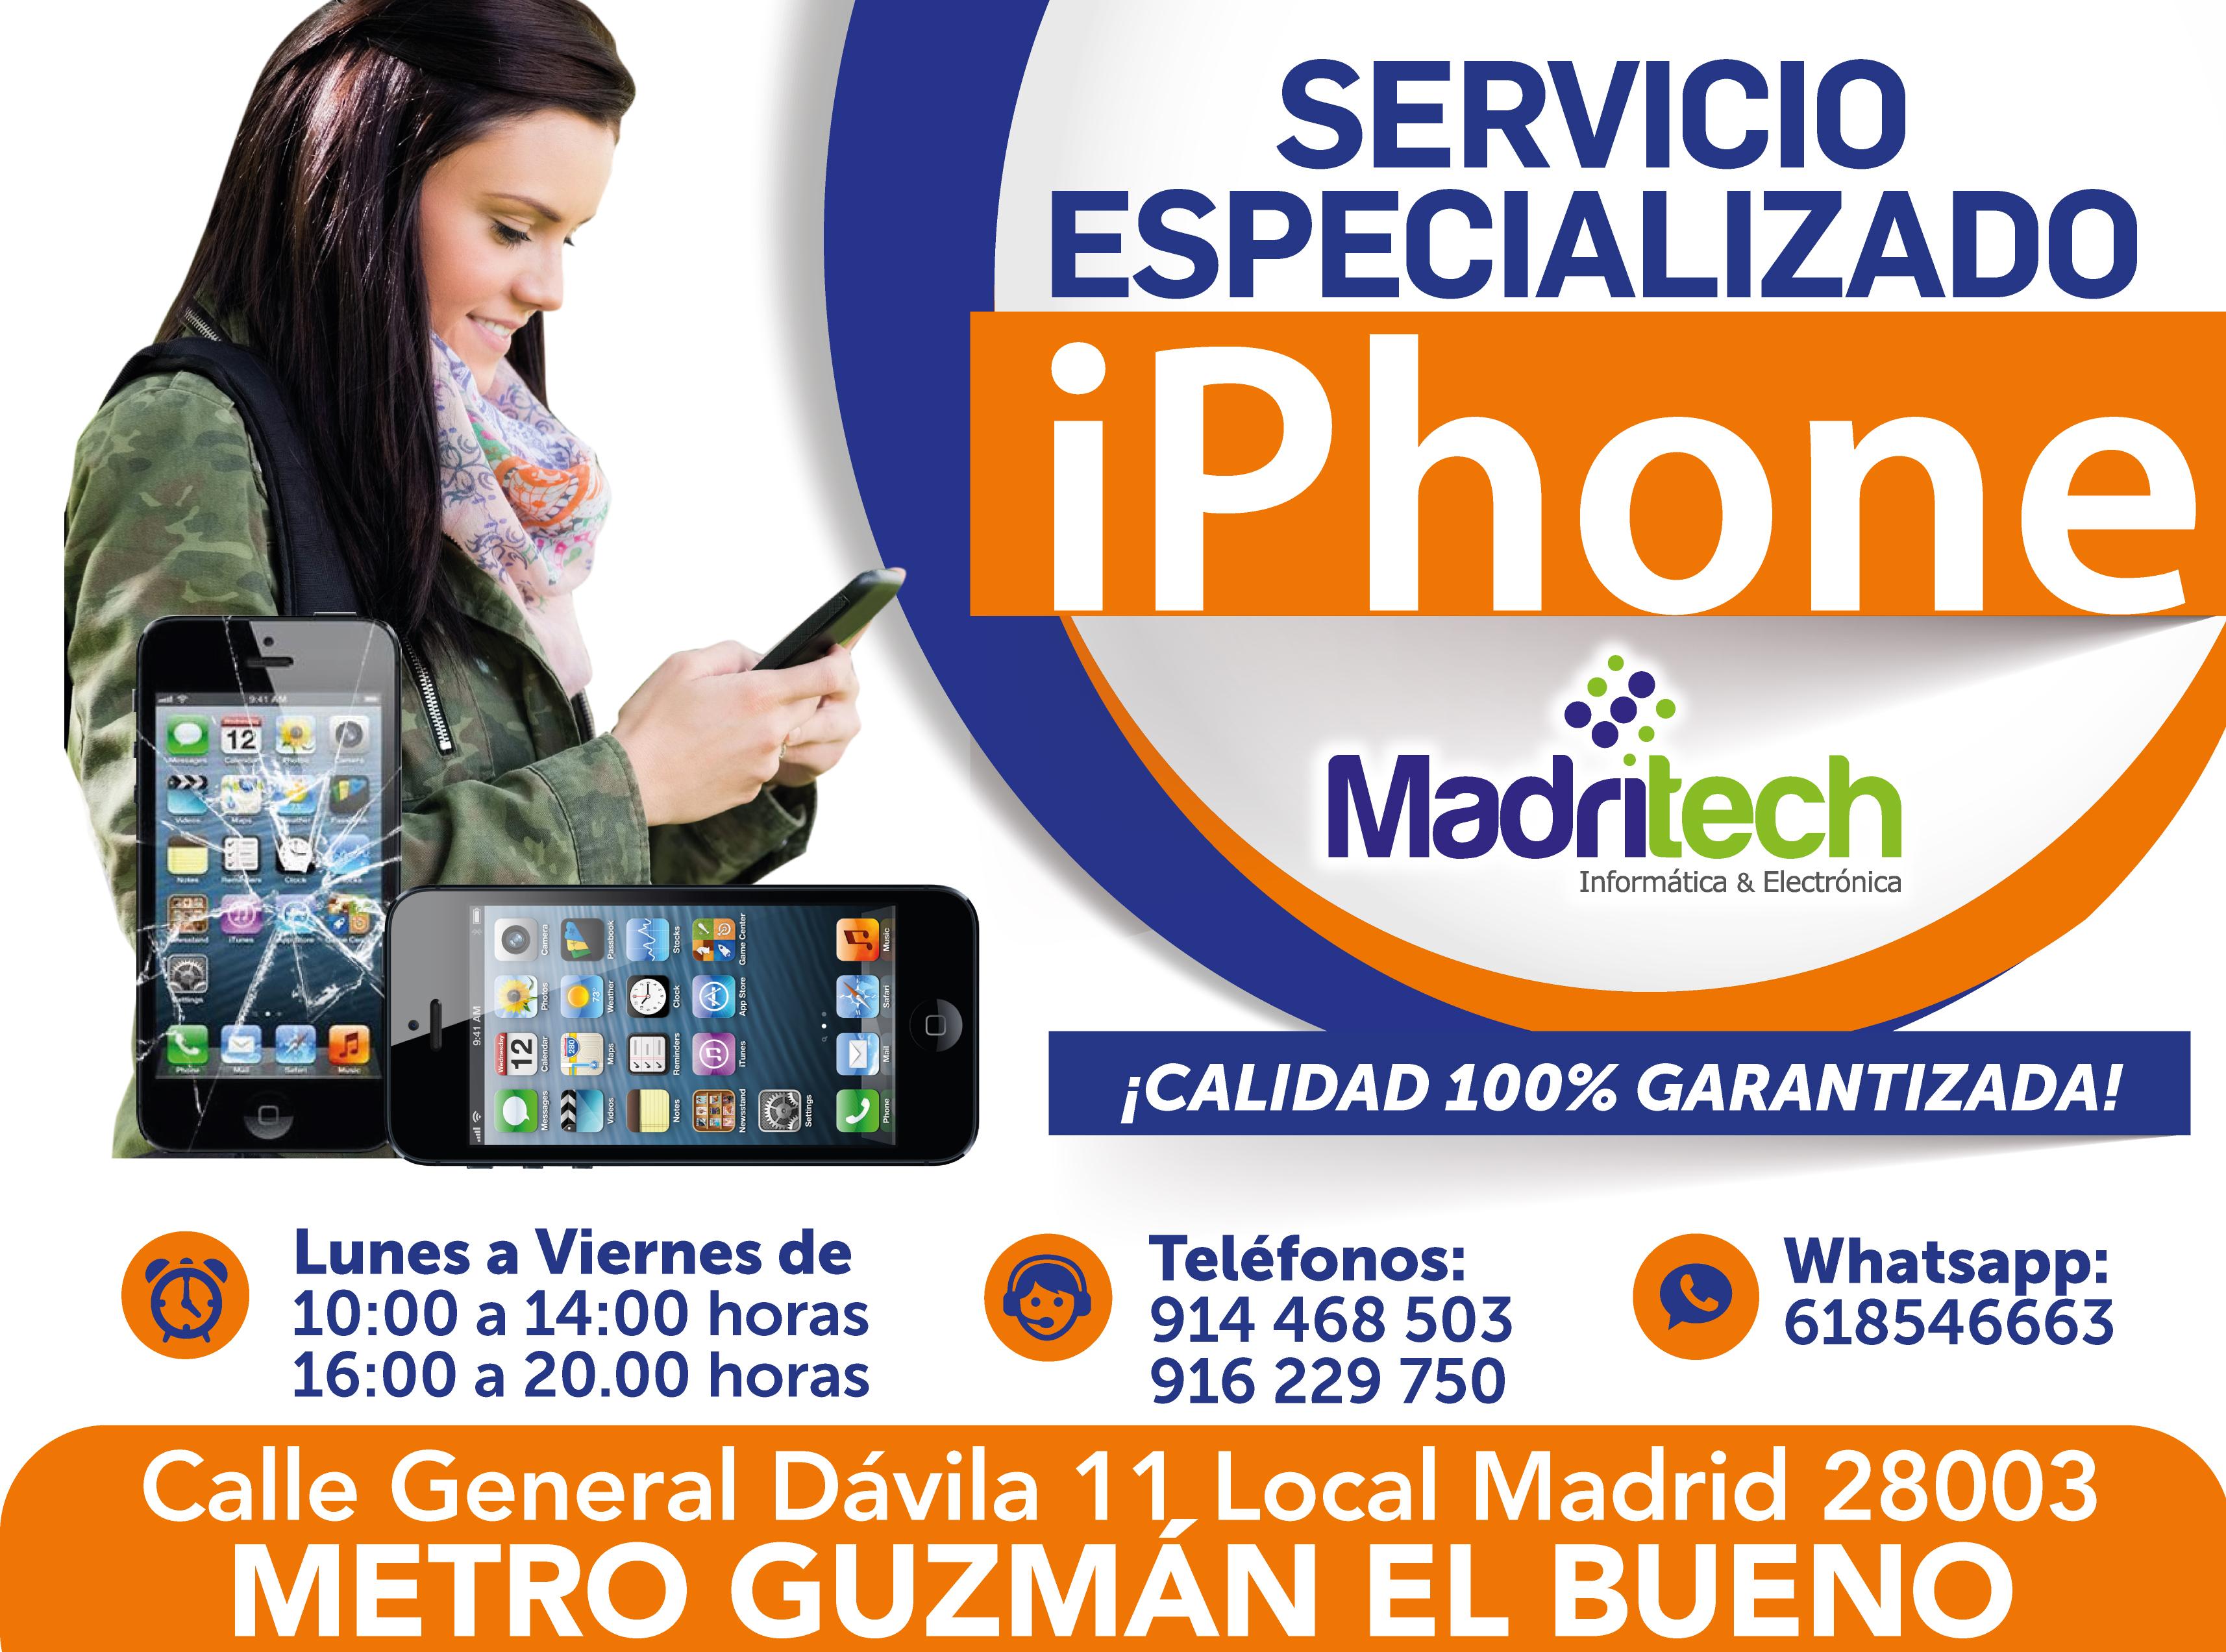 servicio especializado iphone madritech